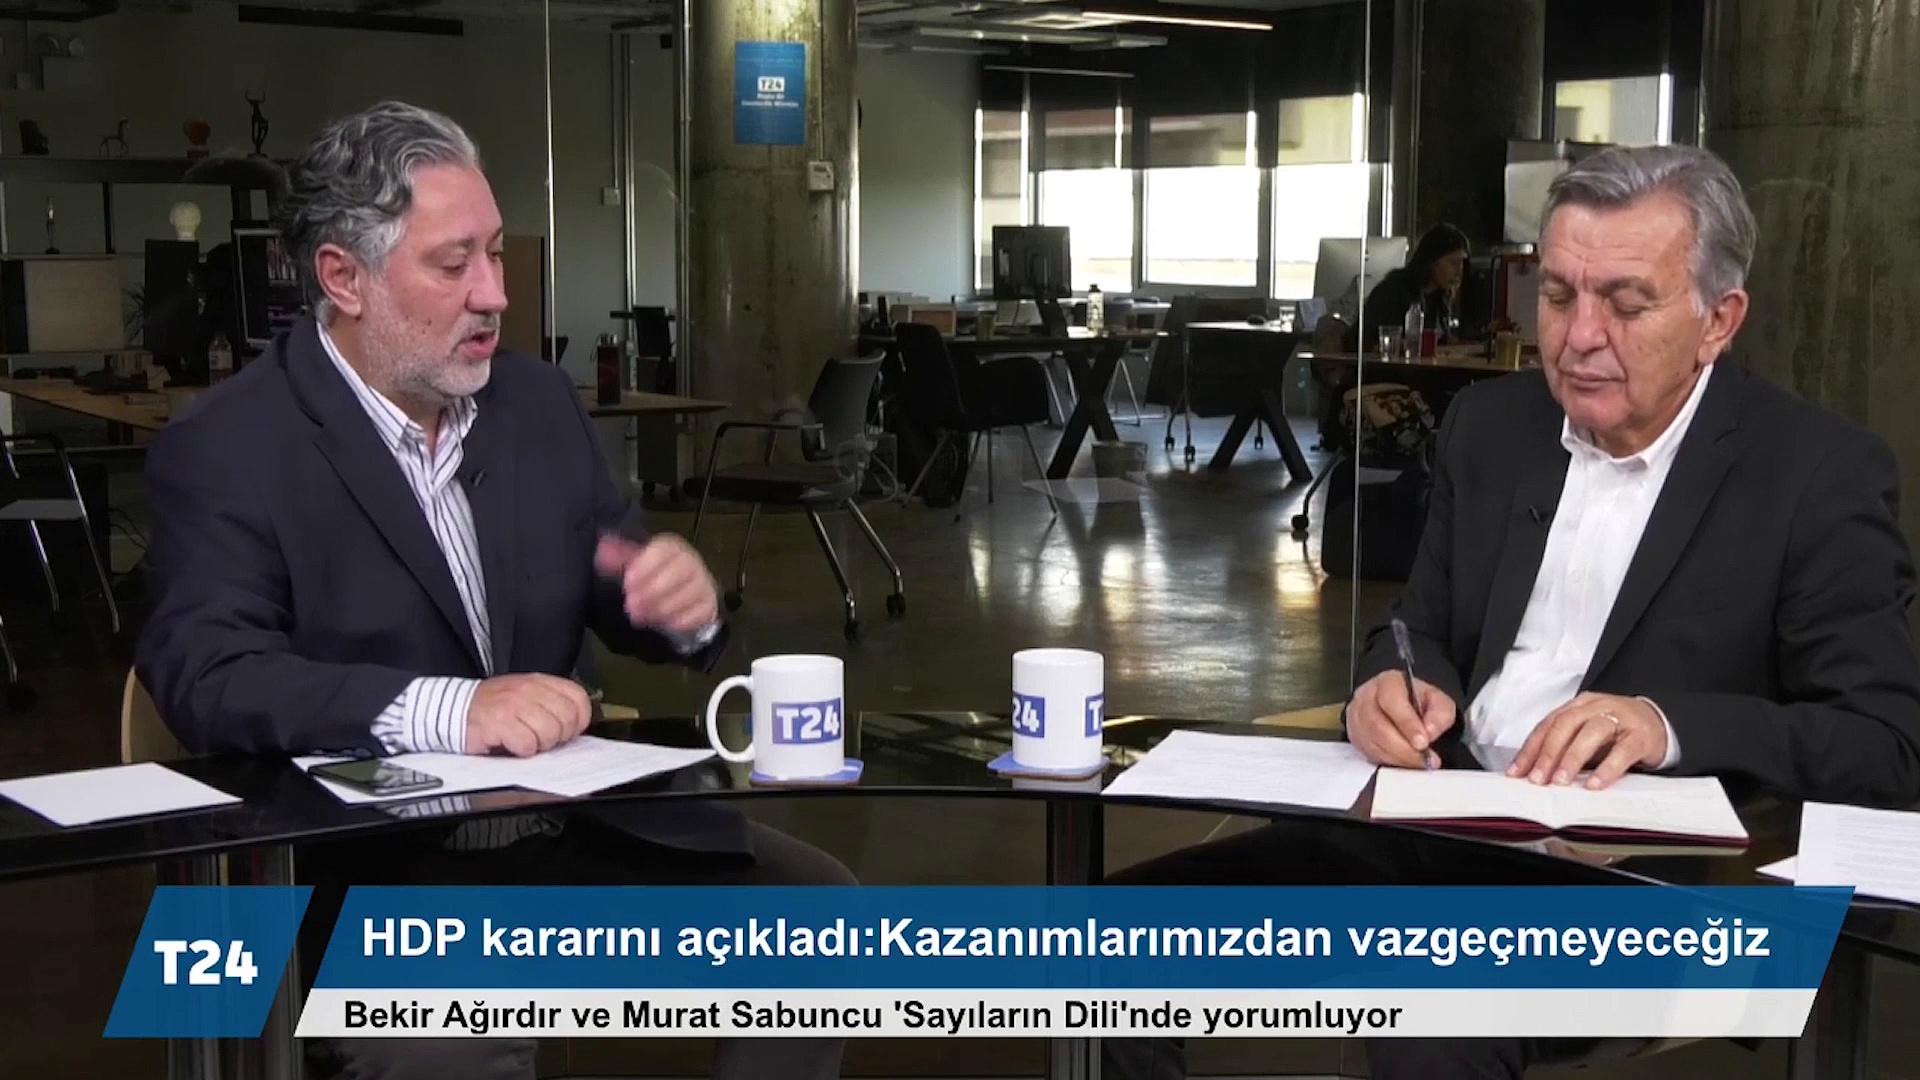 KONDA Genel Müdürü Ağırdır: HDP'nin 'demokratik siyasete devam kararı'na sahip çıkılmalı, Kürt meselesinin çözüm adresi Türkiye ve HDP'dir